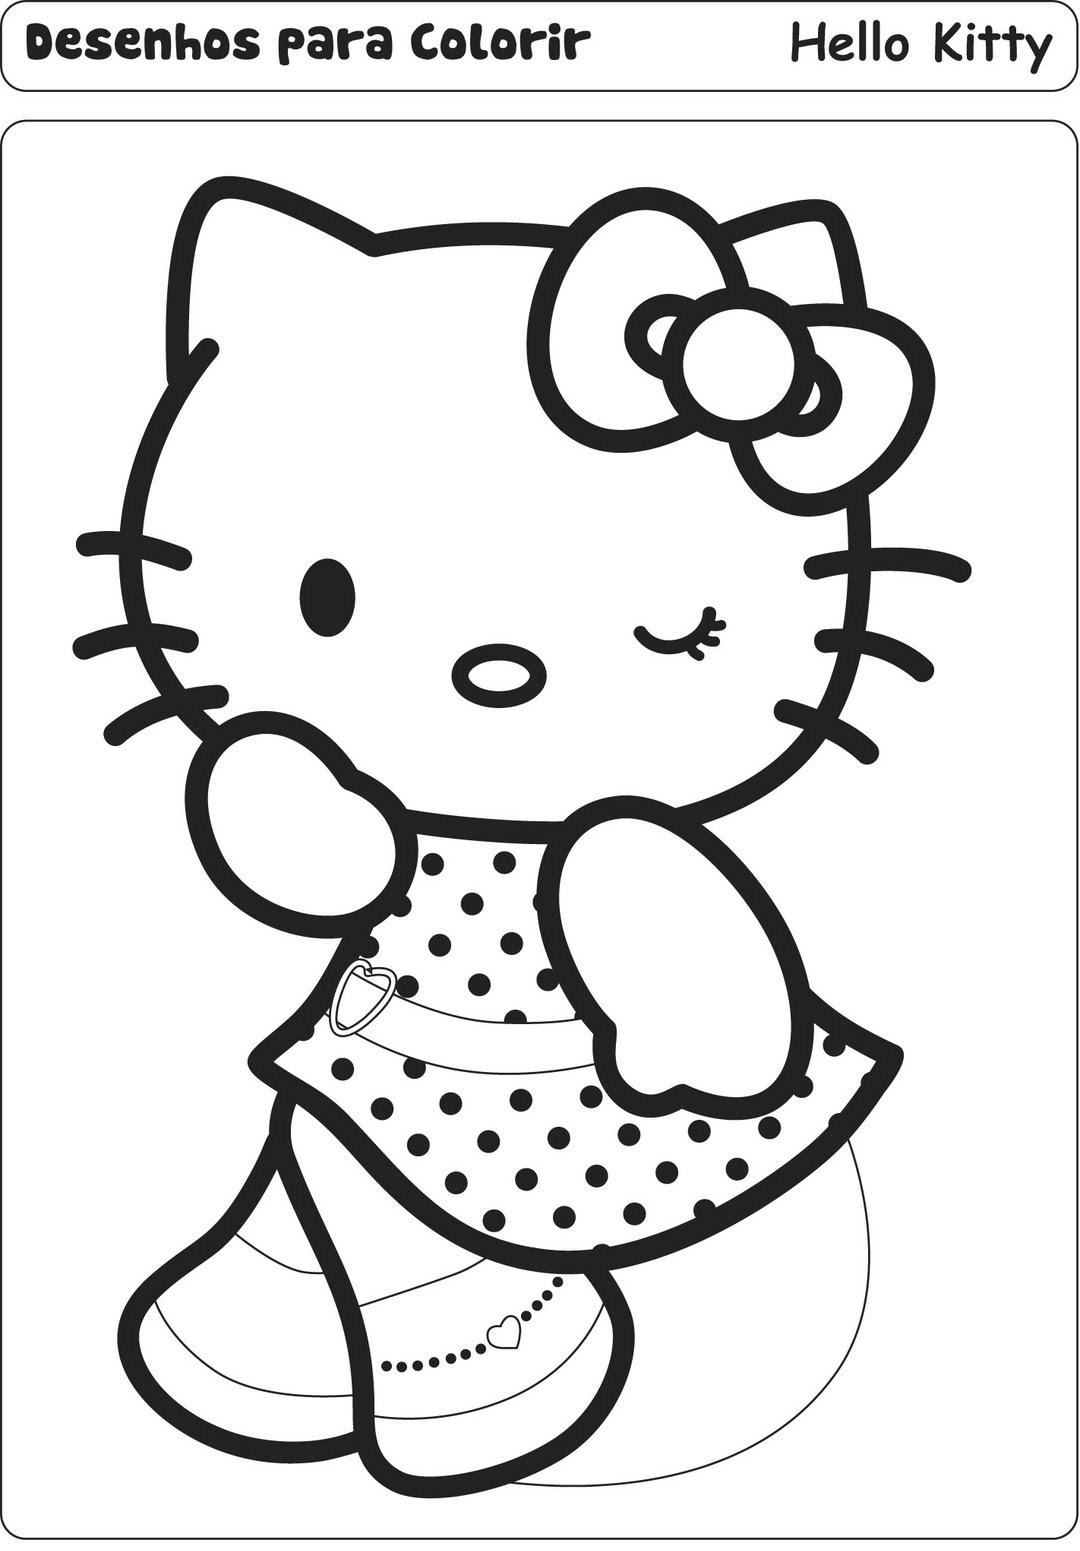 Desenhos Para Colori princesa hello kitty desenhar